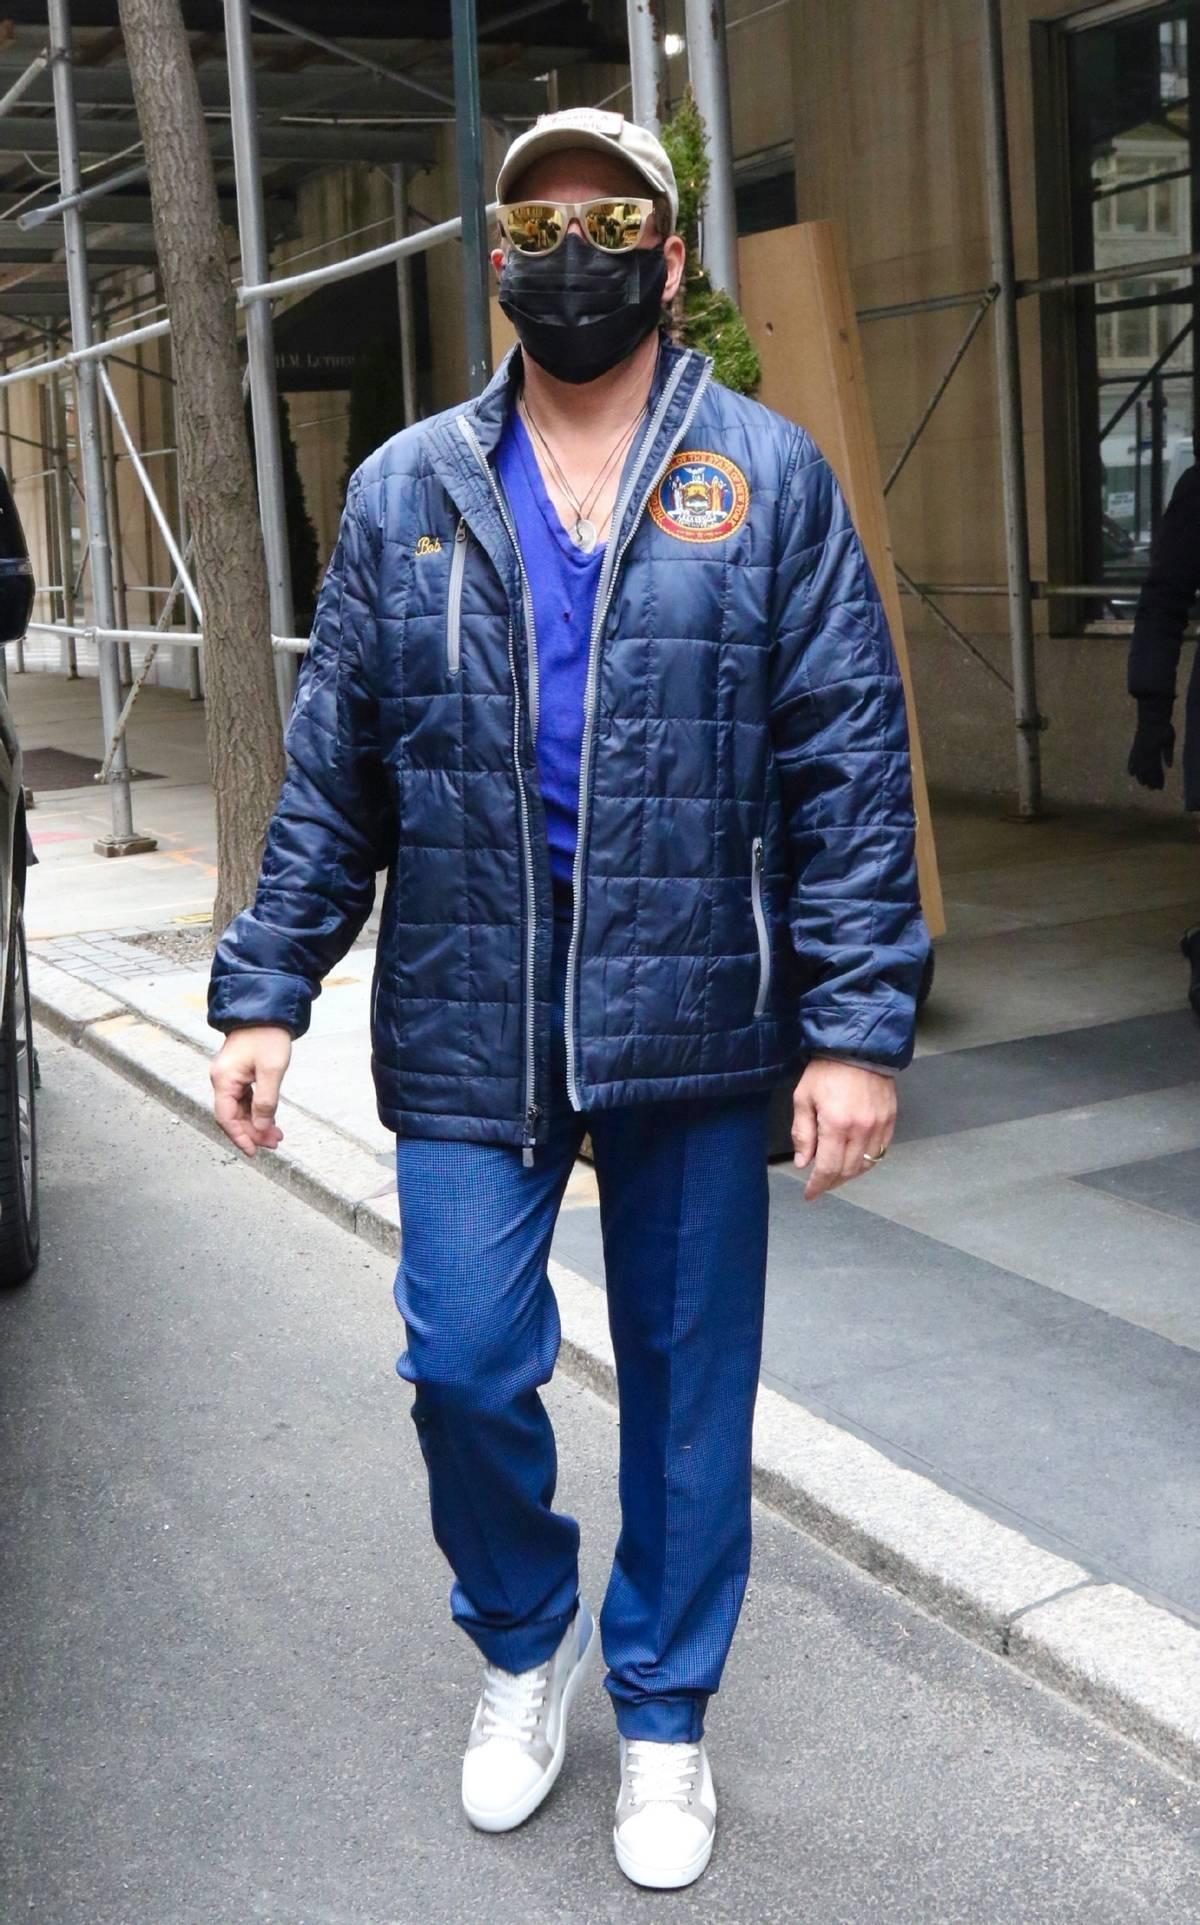 唐尼最新街拍曝光,紫色背心胸口烂两洞,钢铁侠退休后生活太节俭